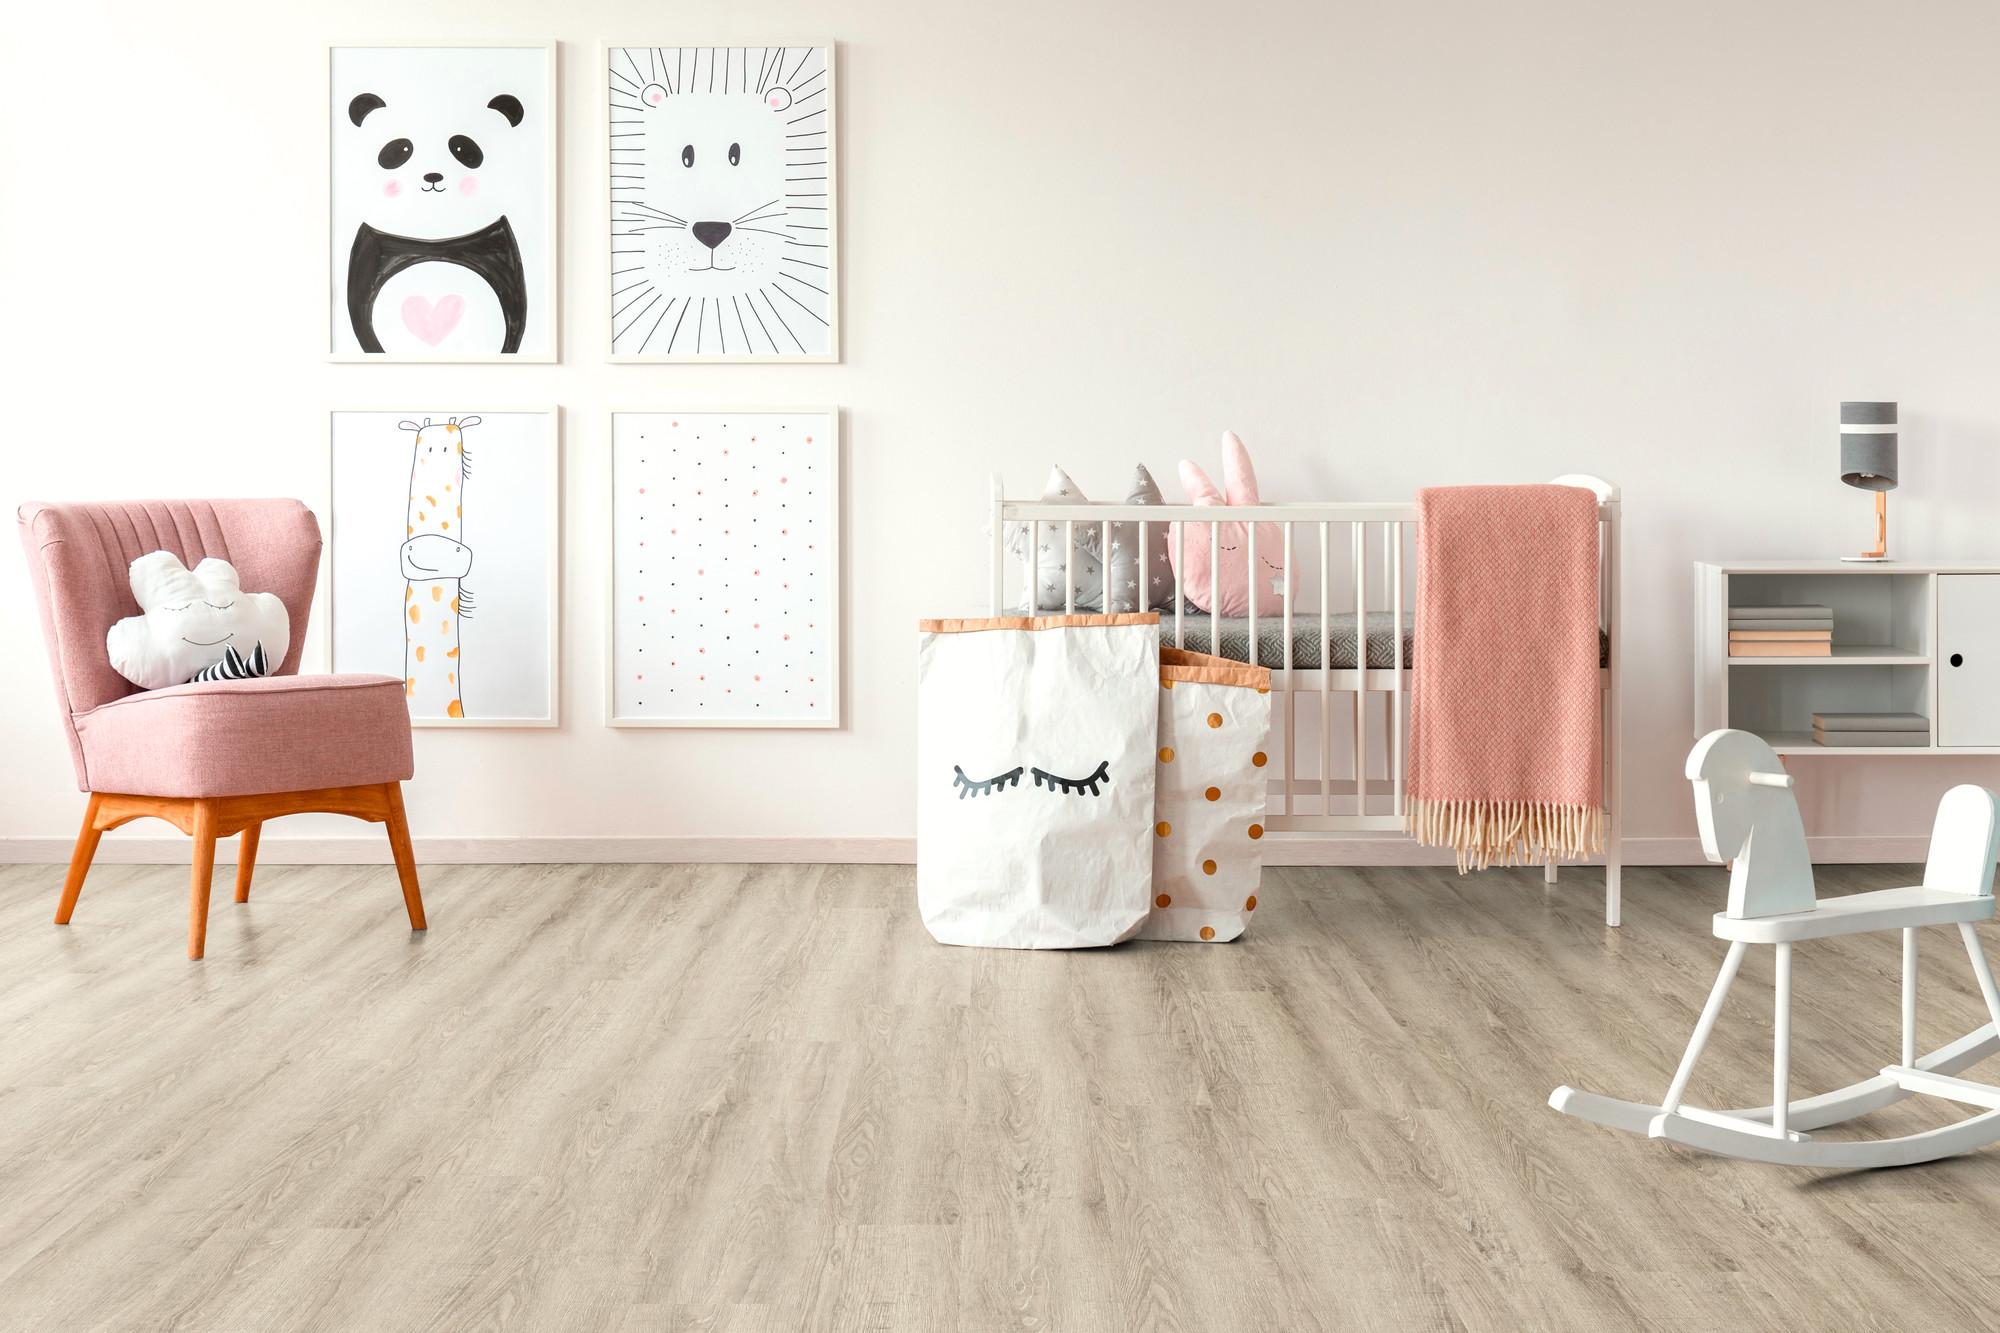 Raumbild - Designboden - Home 0,3 Planke kleben